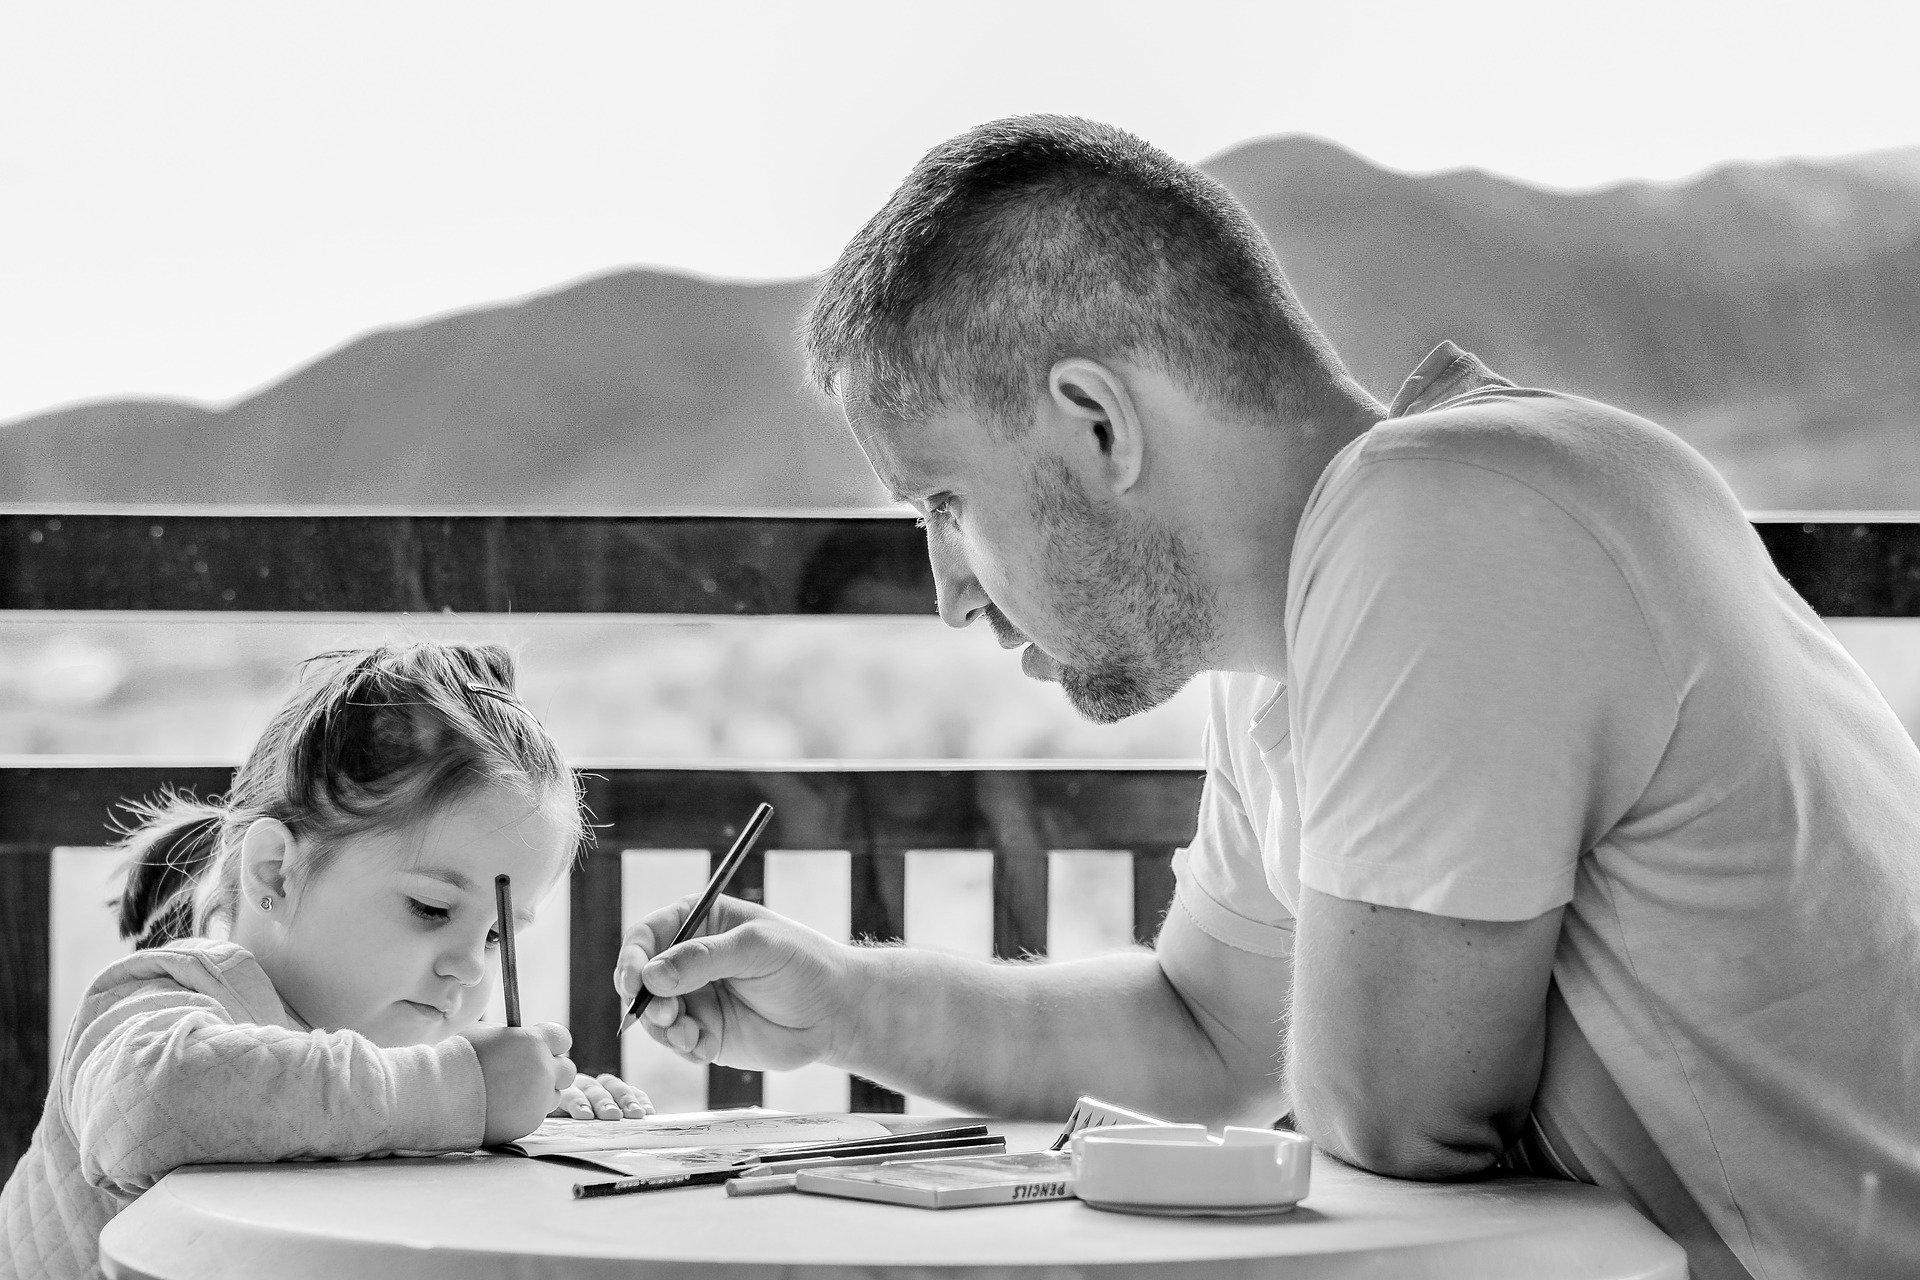 Kochany Tato, wierszyk dla taty. Piosenki i wiersze na Dzień Ojca